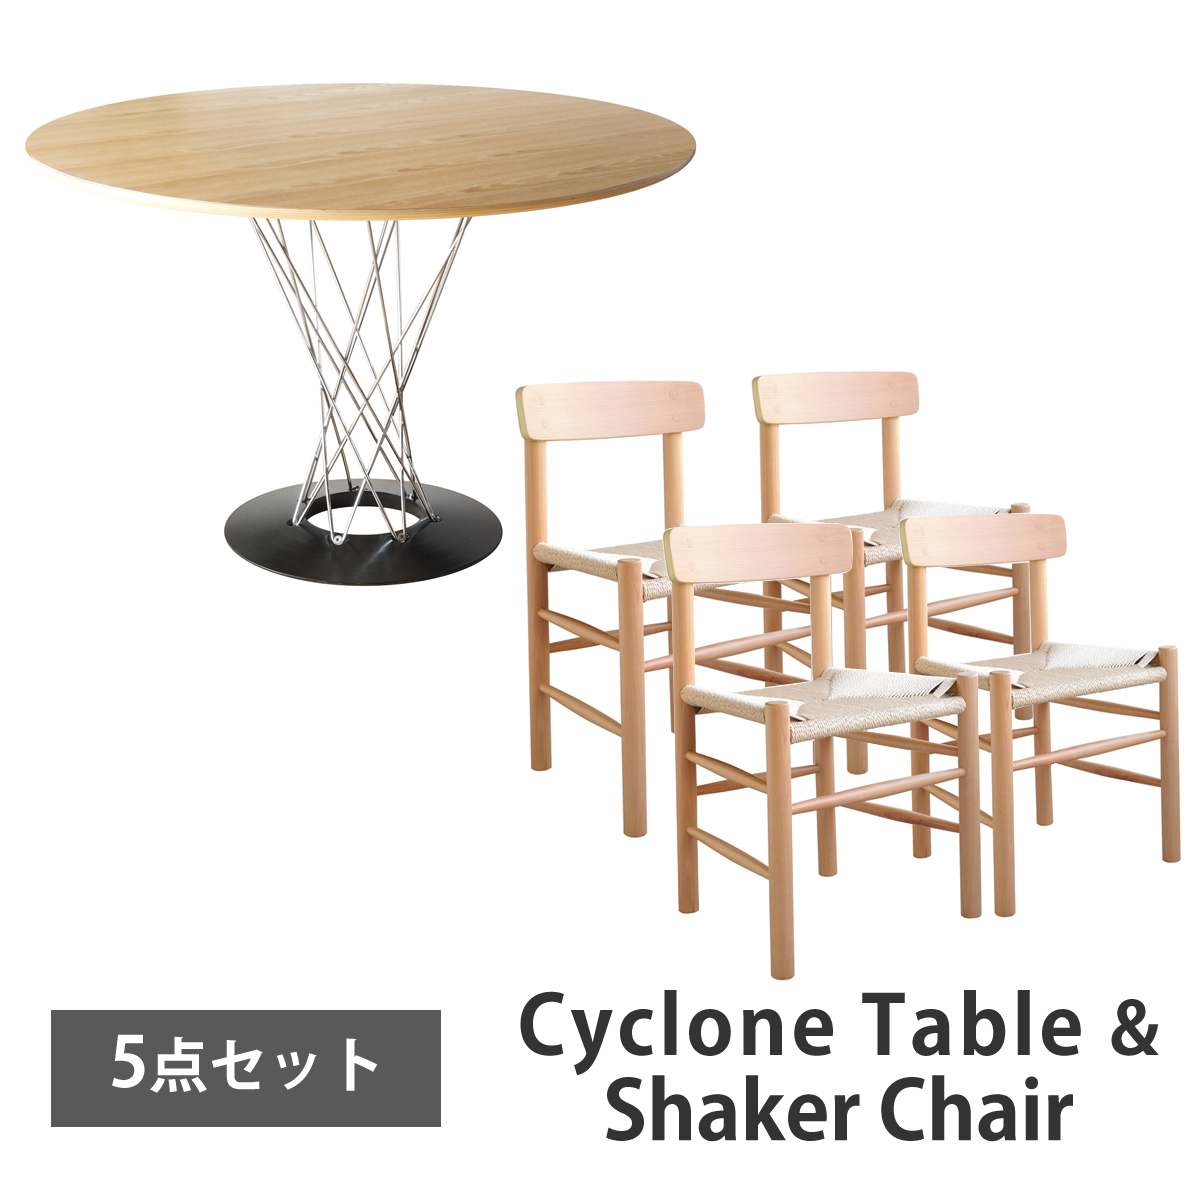 《お得な5点セット》サイクロンテーブル直径110cm & シェーカーチェア デザイナーズダイニングセット リプロダクト